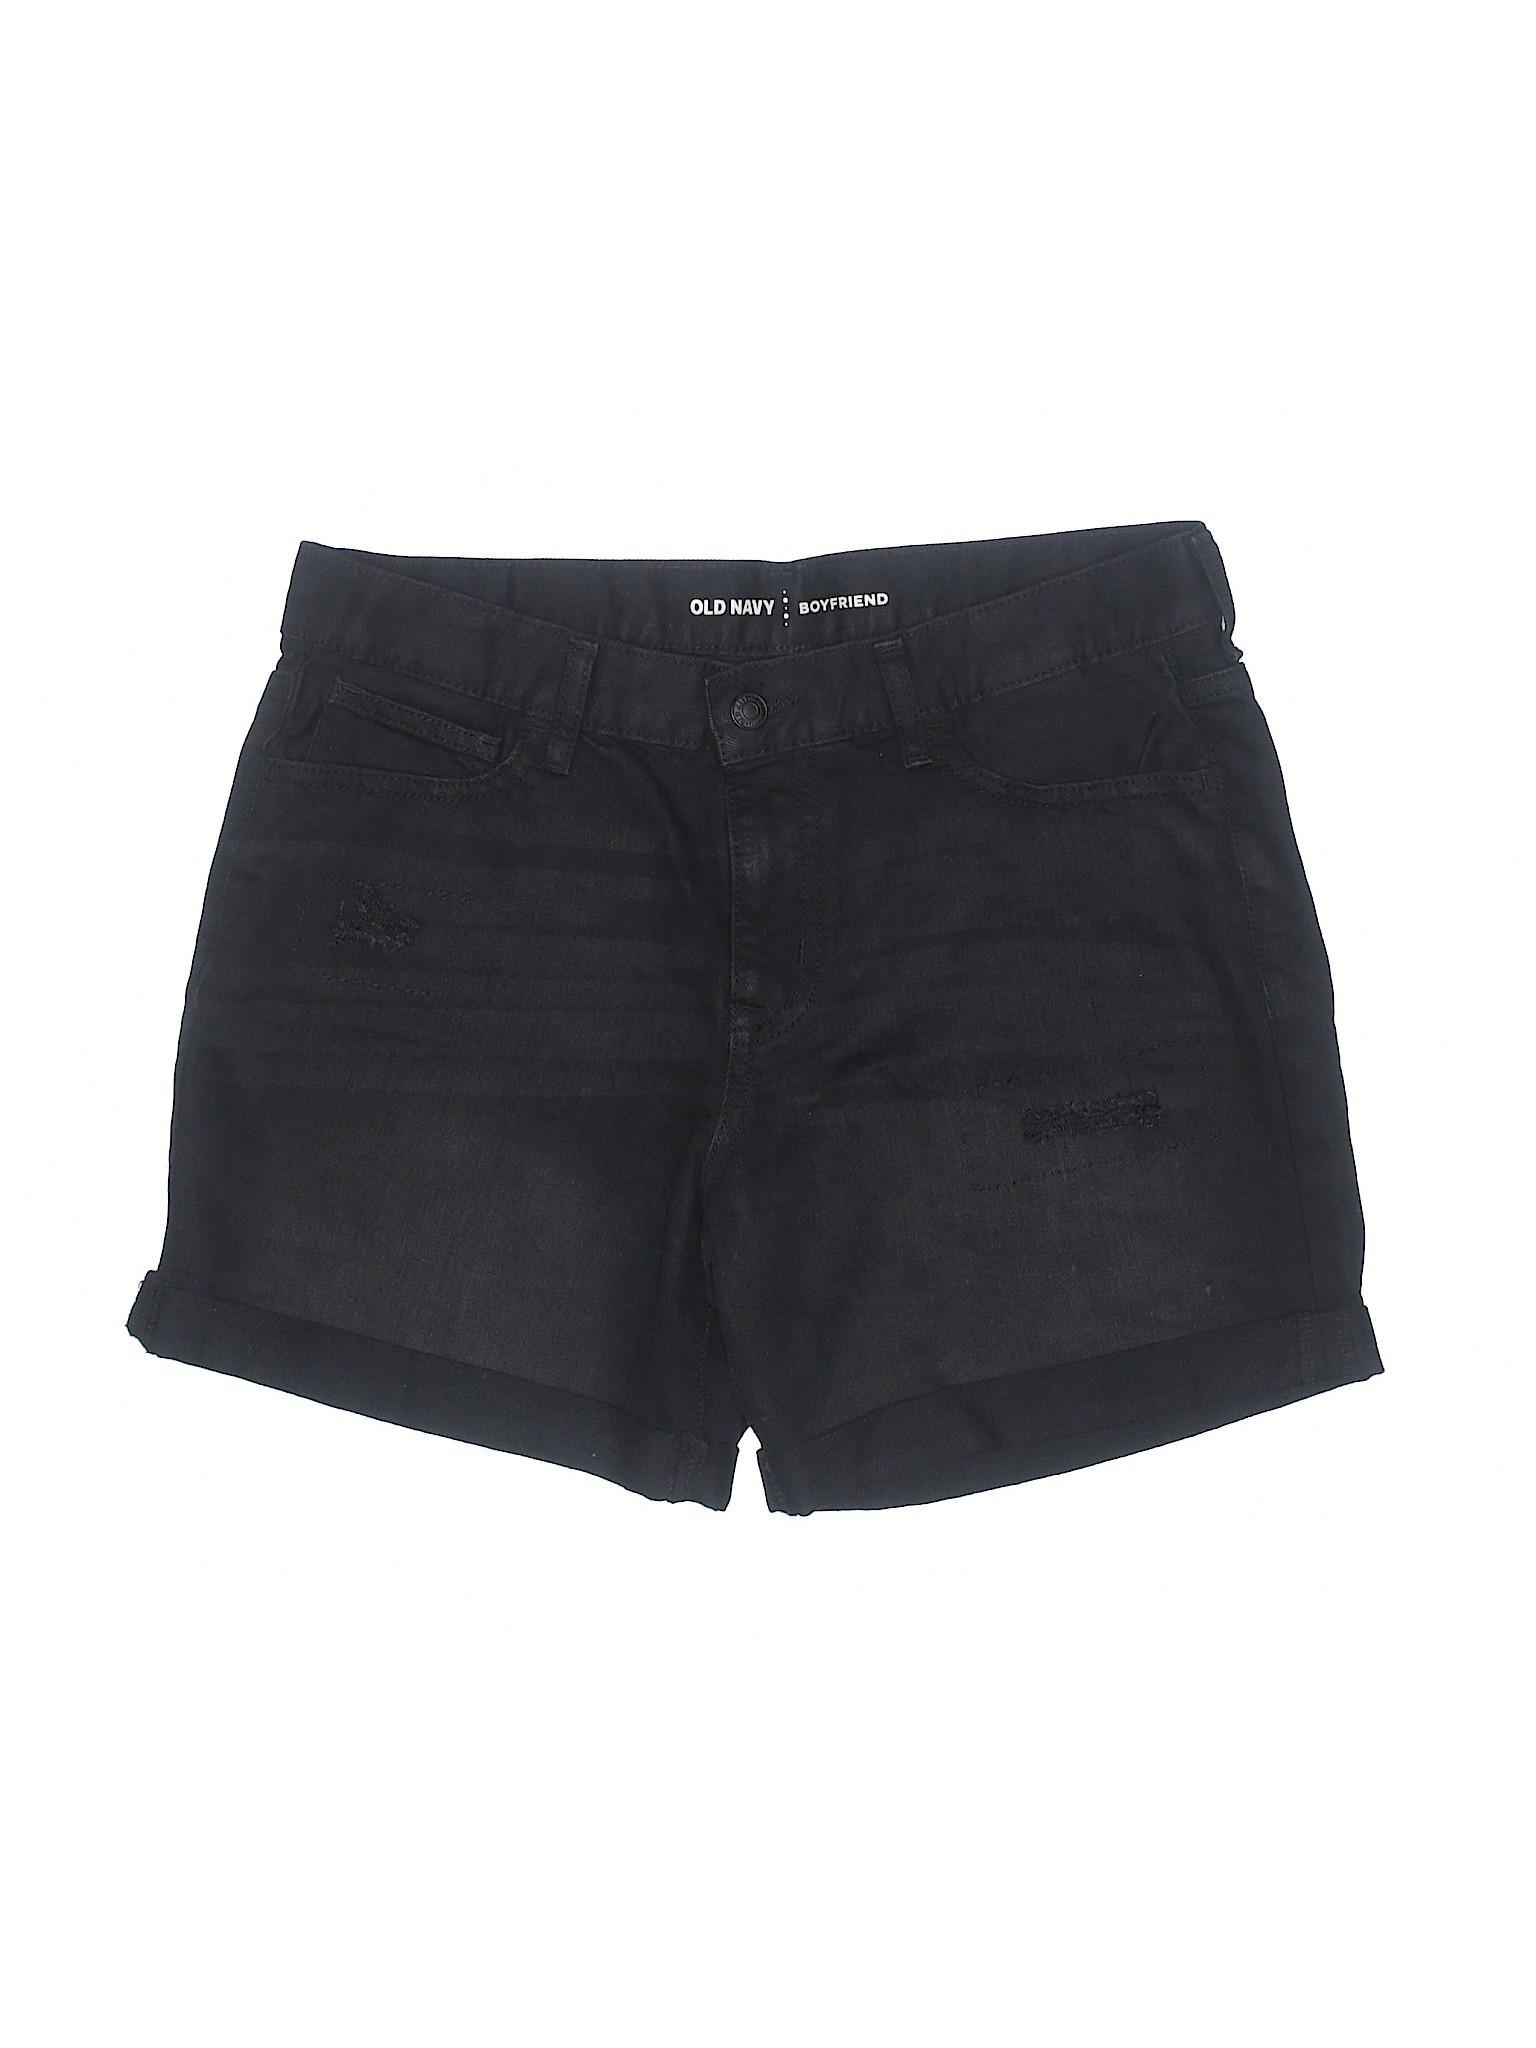 Boutique Boutique Denim Denim Shorts Shorts Navy Old Navy Old Old Navy Denim Boutique Shorts rrI5qEwAx